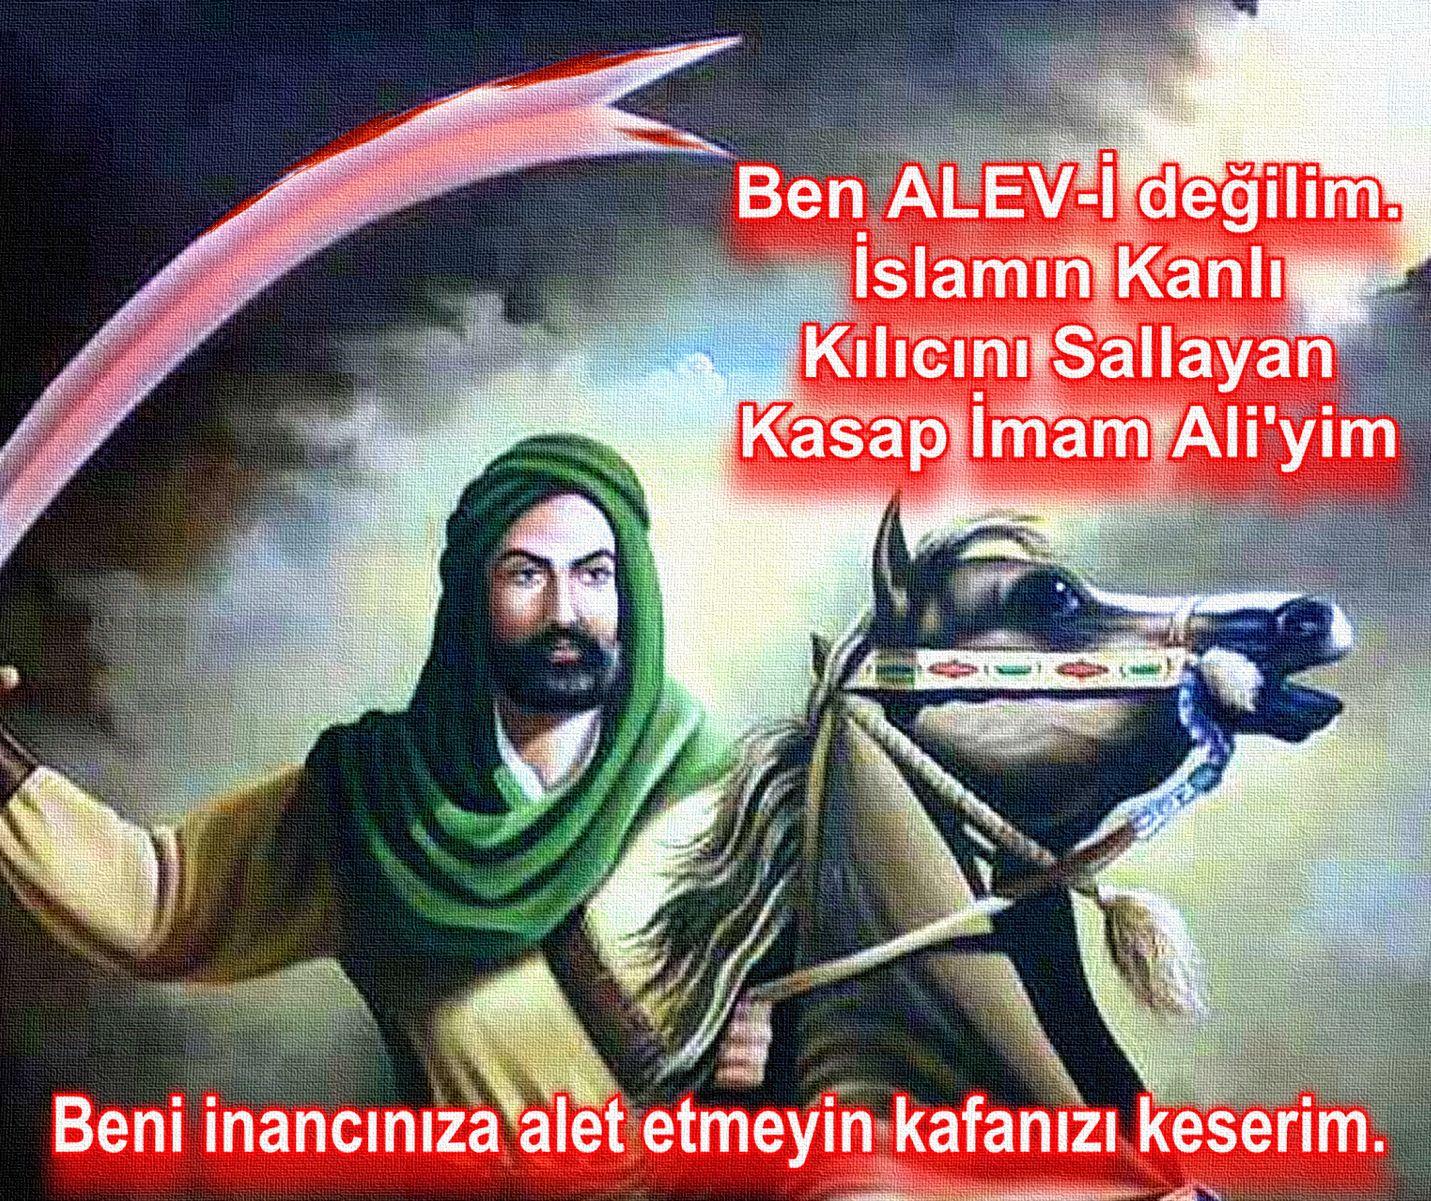 Devrimci Aleviler Birliği DAB Alevi Kızılbaş Bektaşi pir sultan cem hz Ali 12 imam semah Feramuz Şah Acar Hz.Ali.ogutler.can.metedoran keserm islam ali keserim